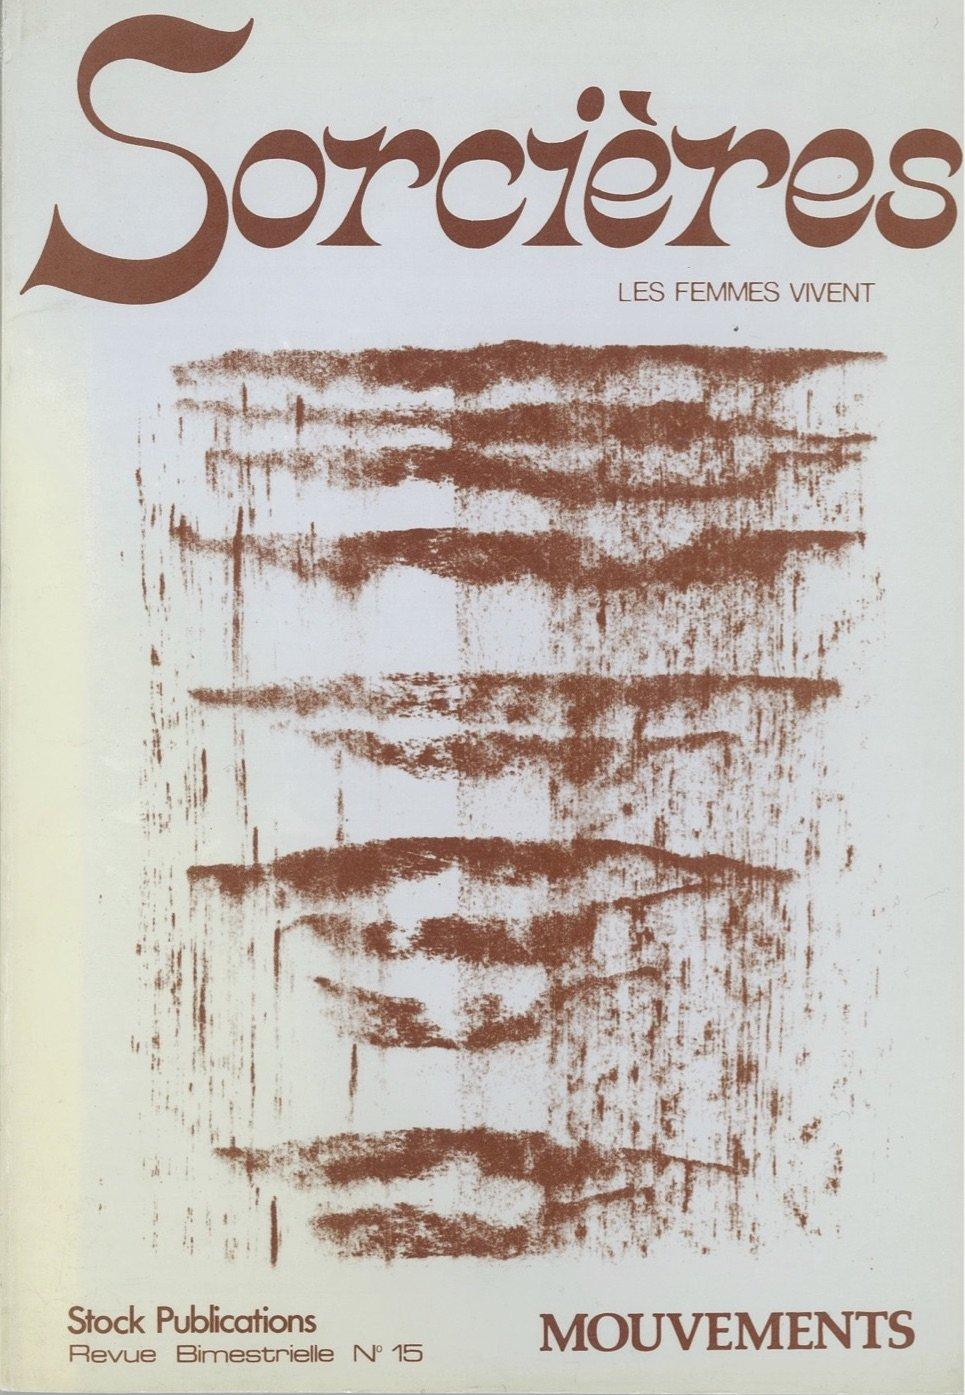 sorciere _ 1